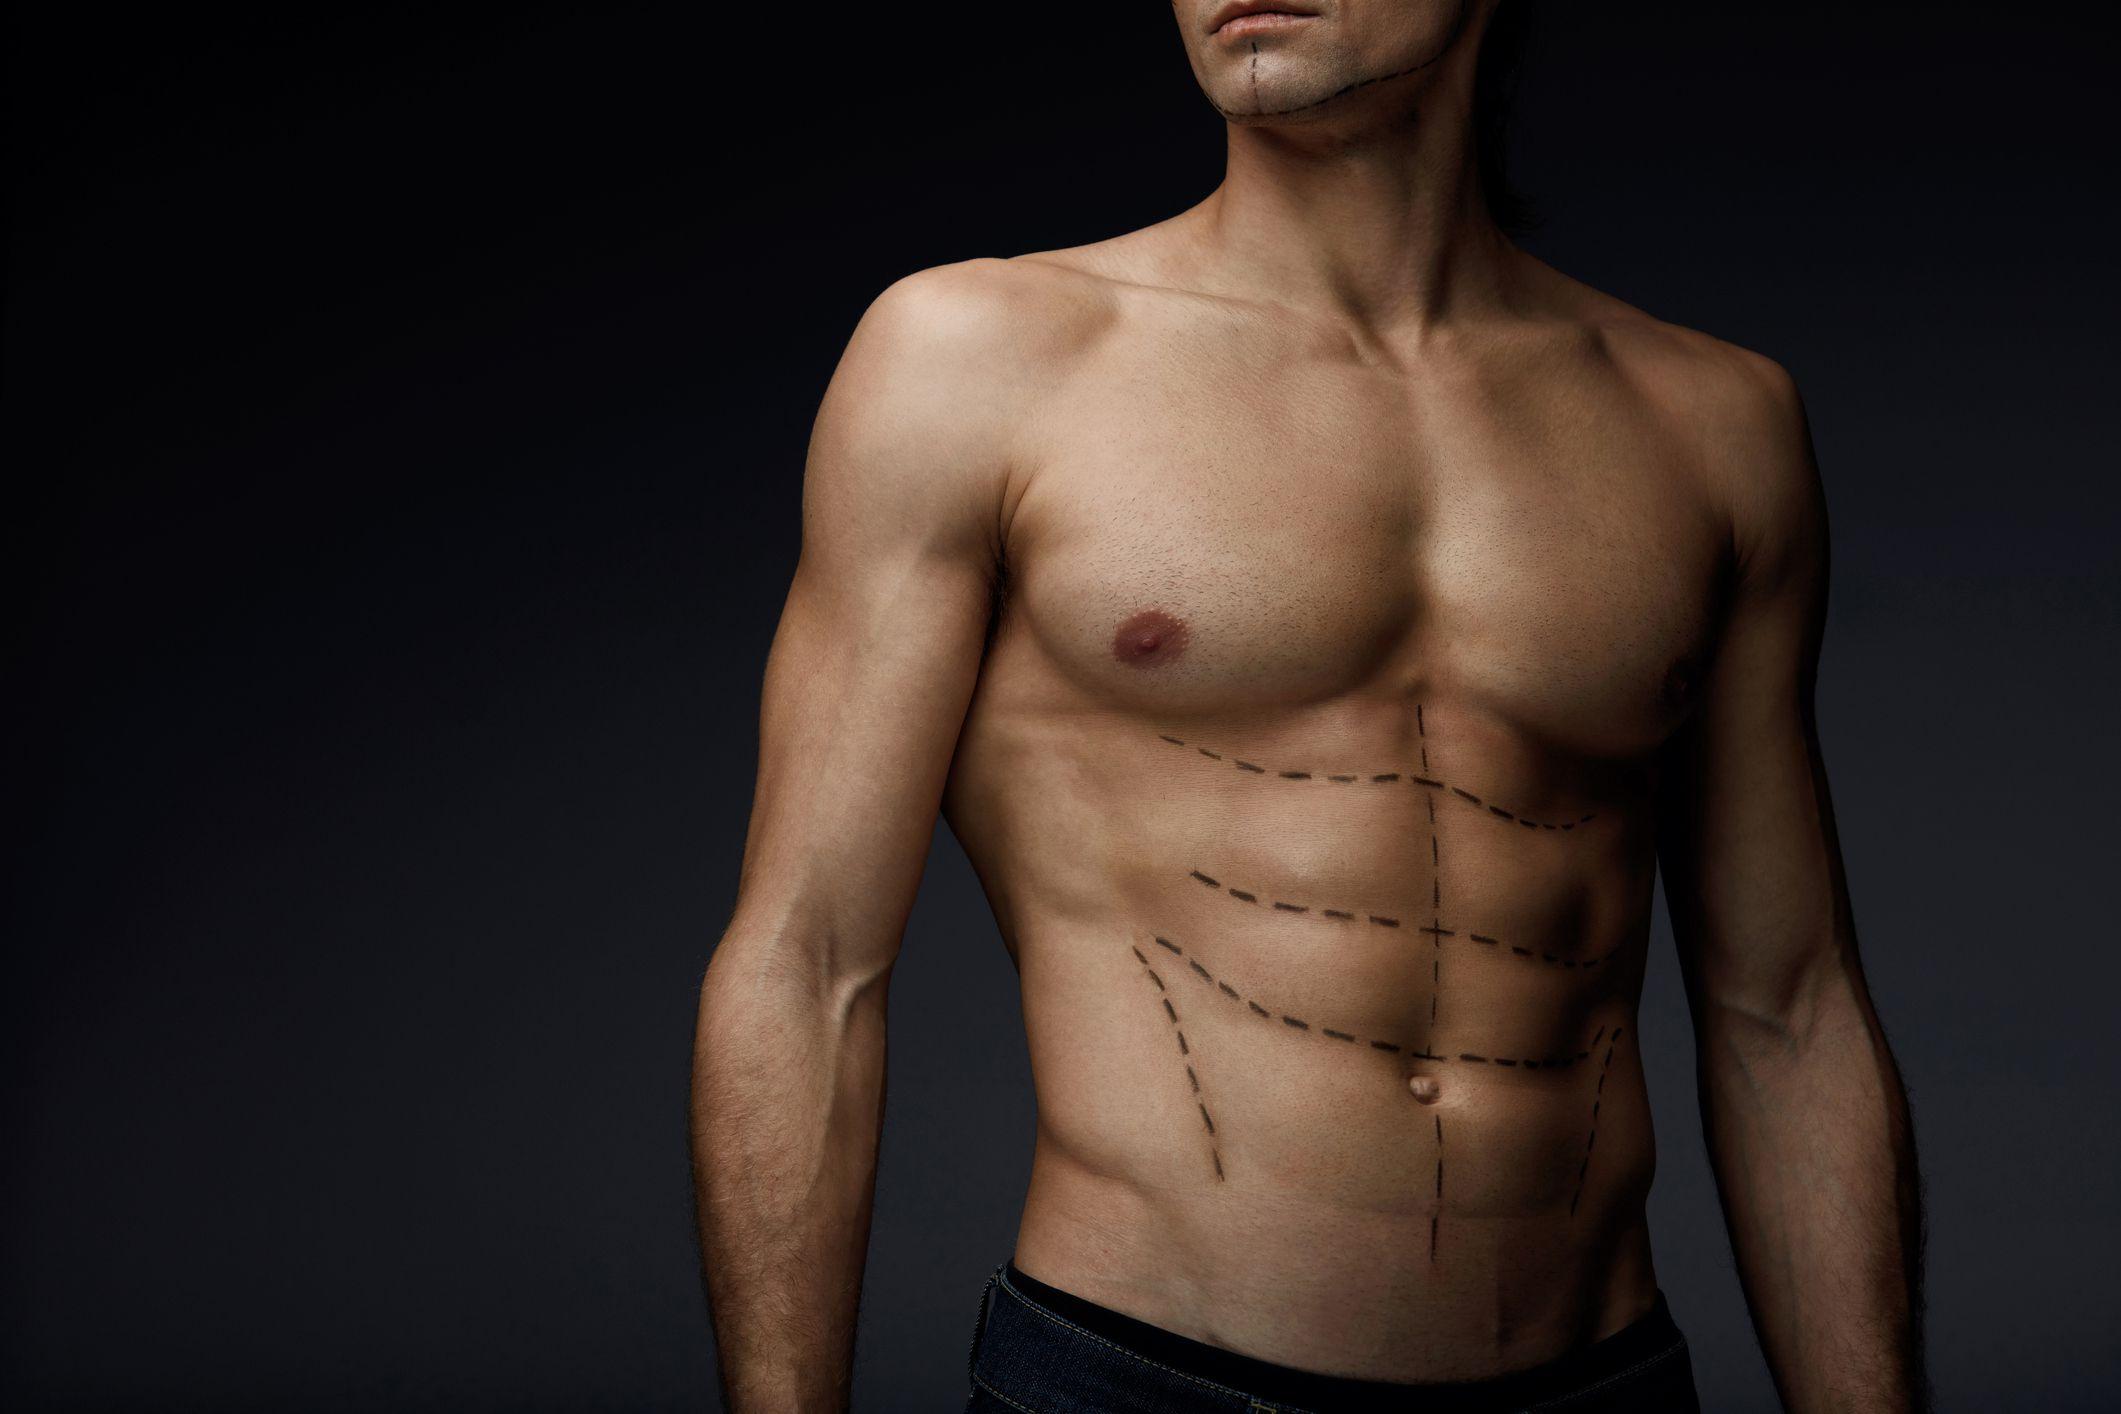 Pektoral İmplant Ameliyatı (Göğüs Kası Ameliyatı)